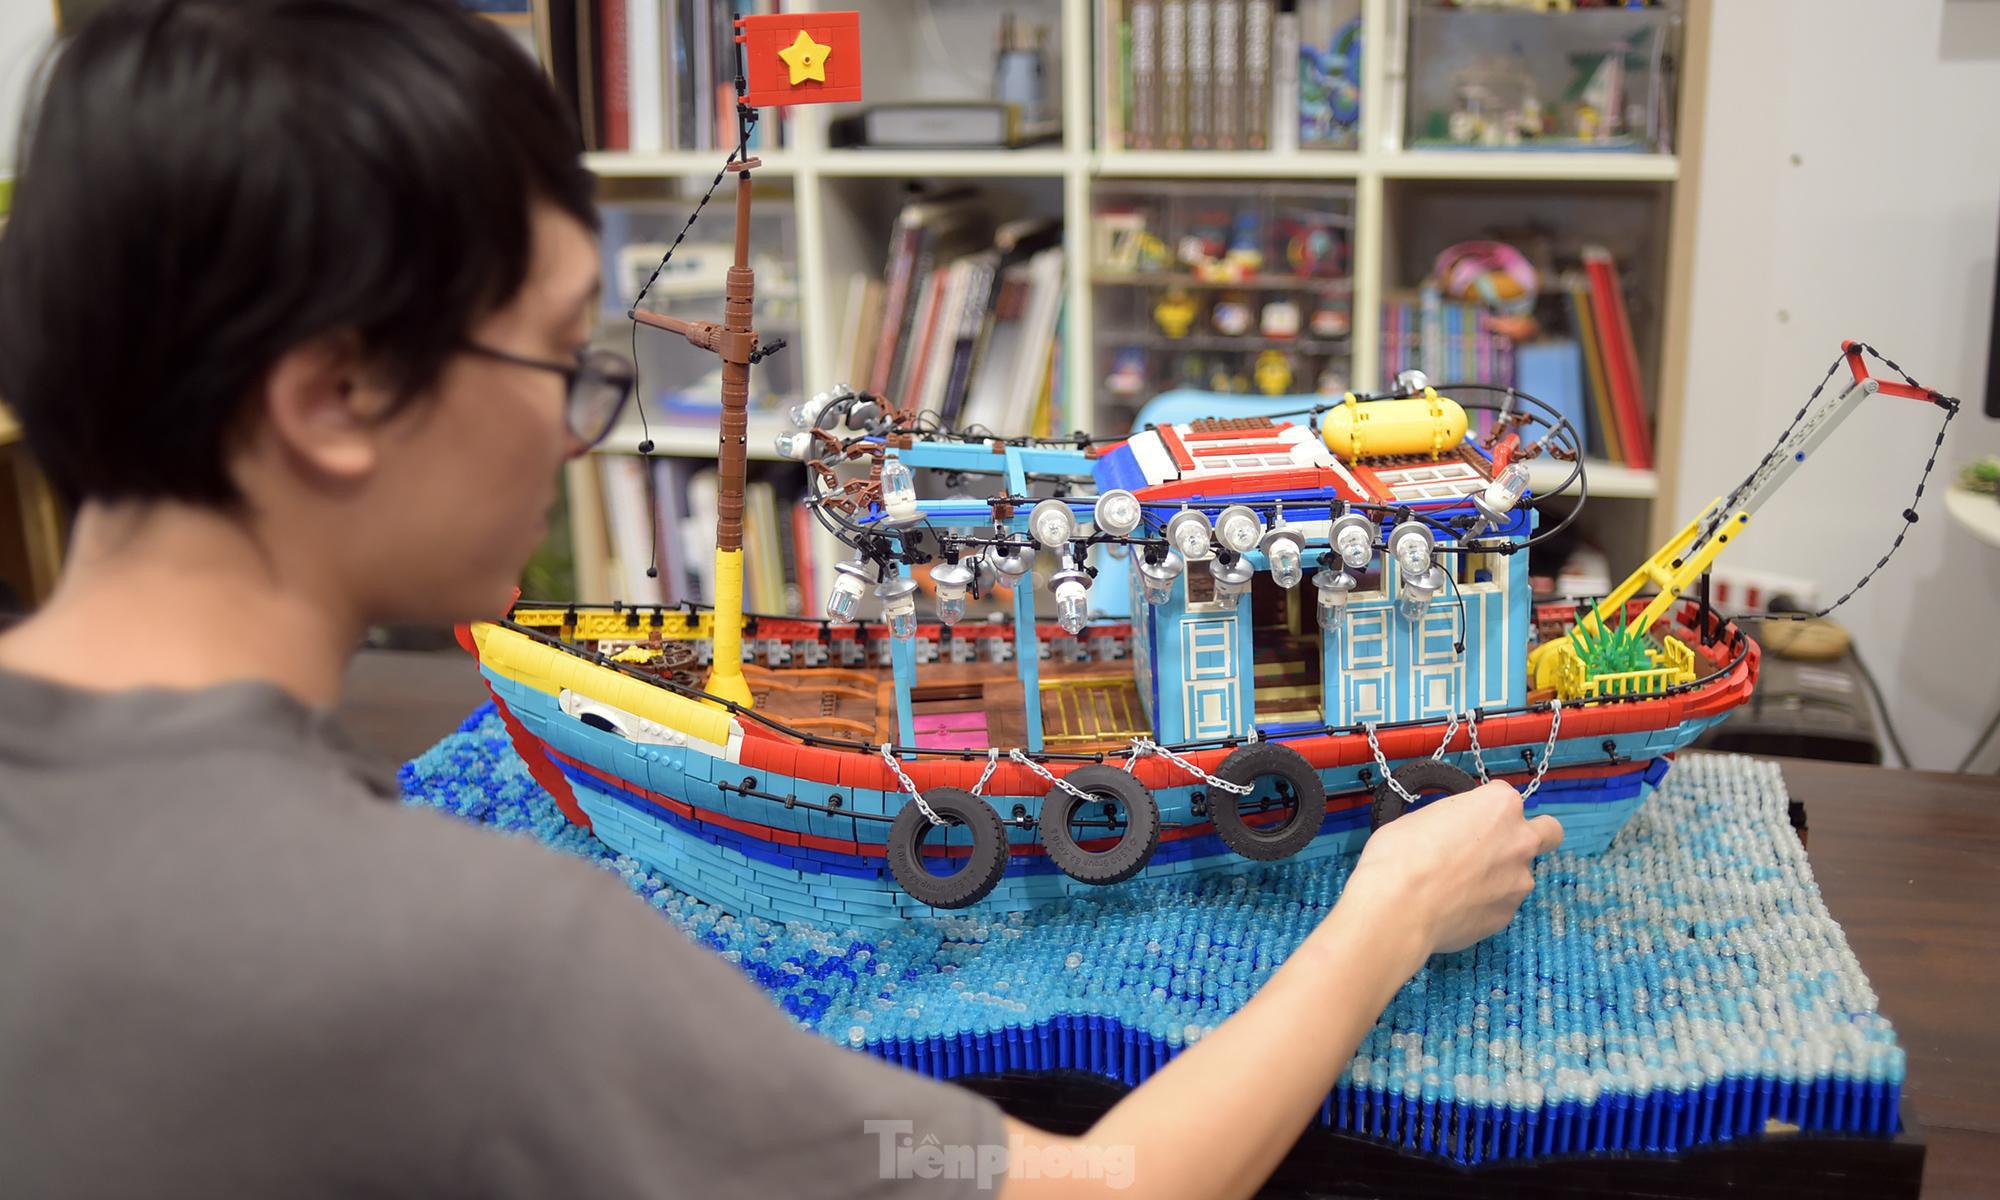 """Chàng trai Việt """"đóng"""" tàu Hoàng Sa, Trường Sa từ mô hình Lego, tri ân ngư dân bám biển - Ảnh 4."""